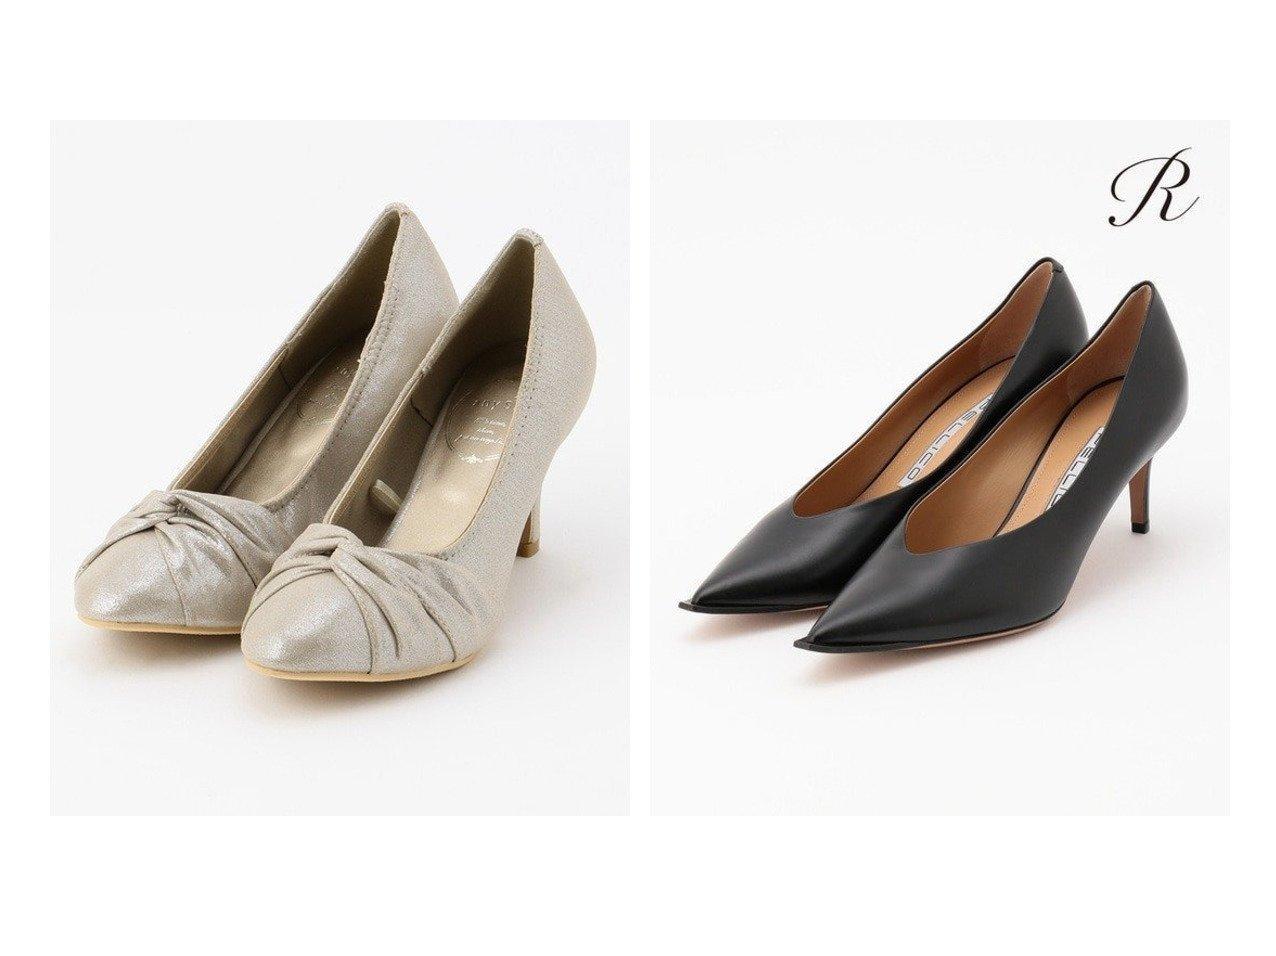 【NIJYUSANKU/23区】の【R(アール)】PELLICO ポインテッド ワイド エッジ パンプス(番号R65)&【any SiS/エニィ スィス】のクロスギャザー パンプス シューズ・靴のおすすめ!人気、トレンド・レディースファッションの通販  おすすめで人気の流行・トレンド、ファッションの通販商品 メンズファッション・キッズファッション・インテリア・家具・レディースファッション・服の通販 founy(ファニー) https://founy.com/ ファッション Fashion レディースファッション WOMEN 送料無料 Free Shipping ギャザー ツイスト パーティ リボン イタリア エレガント コレクション シューズ シンプル スエード スペシャル 人気 フォルム ベーシック ポインテッド ワイド 2020年 2020 2020-2021 秋冬 A/W AW Autumn/Winter / FW Fall-Winter 2020-2021 |ID:crp329100000009860